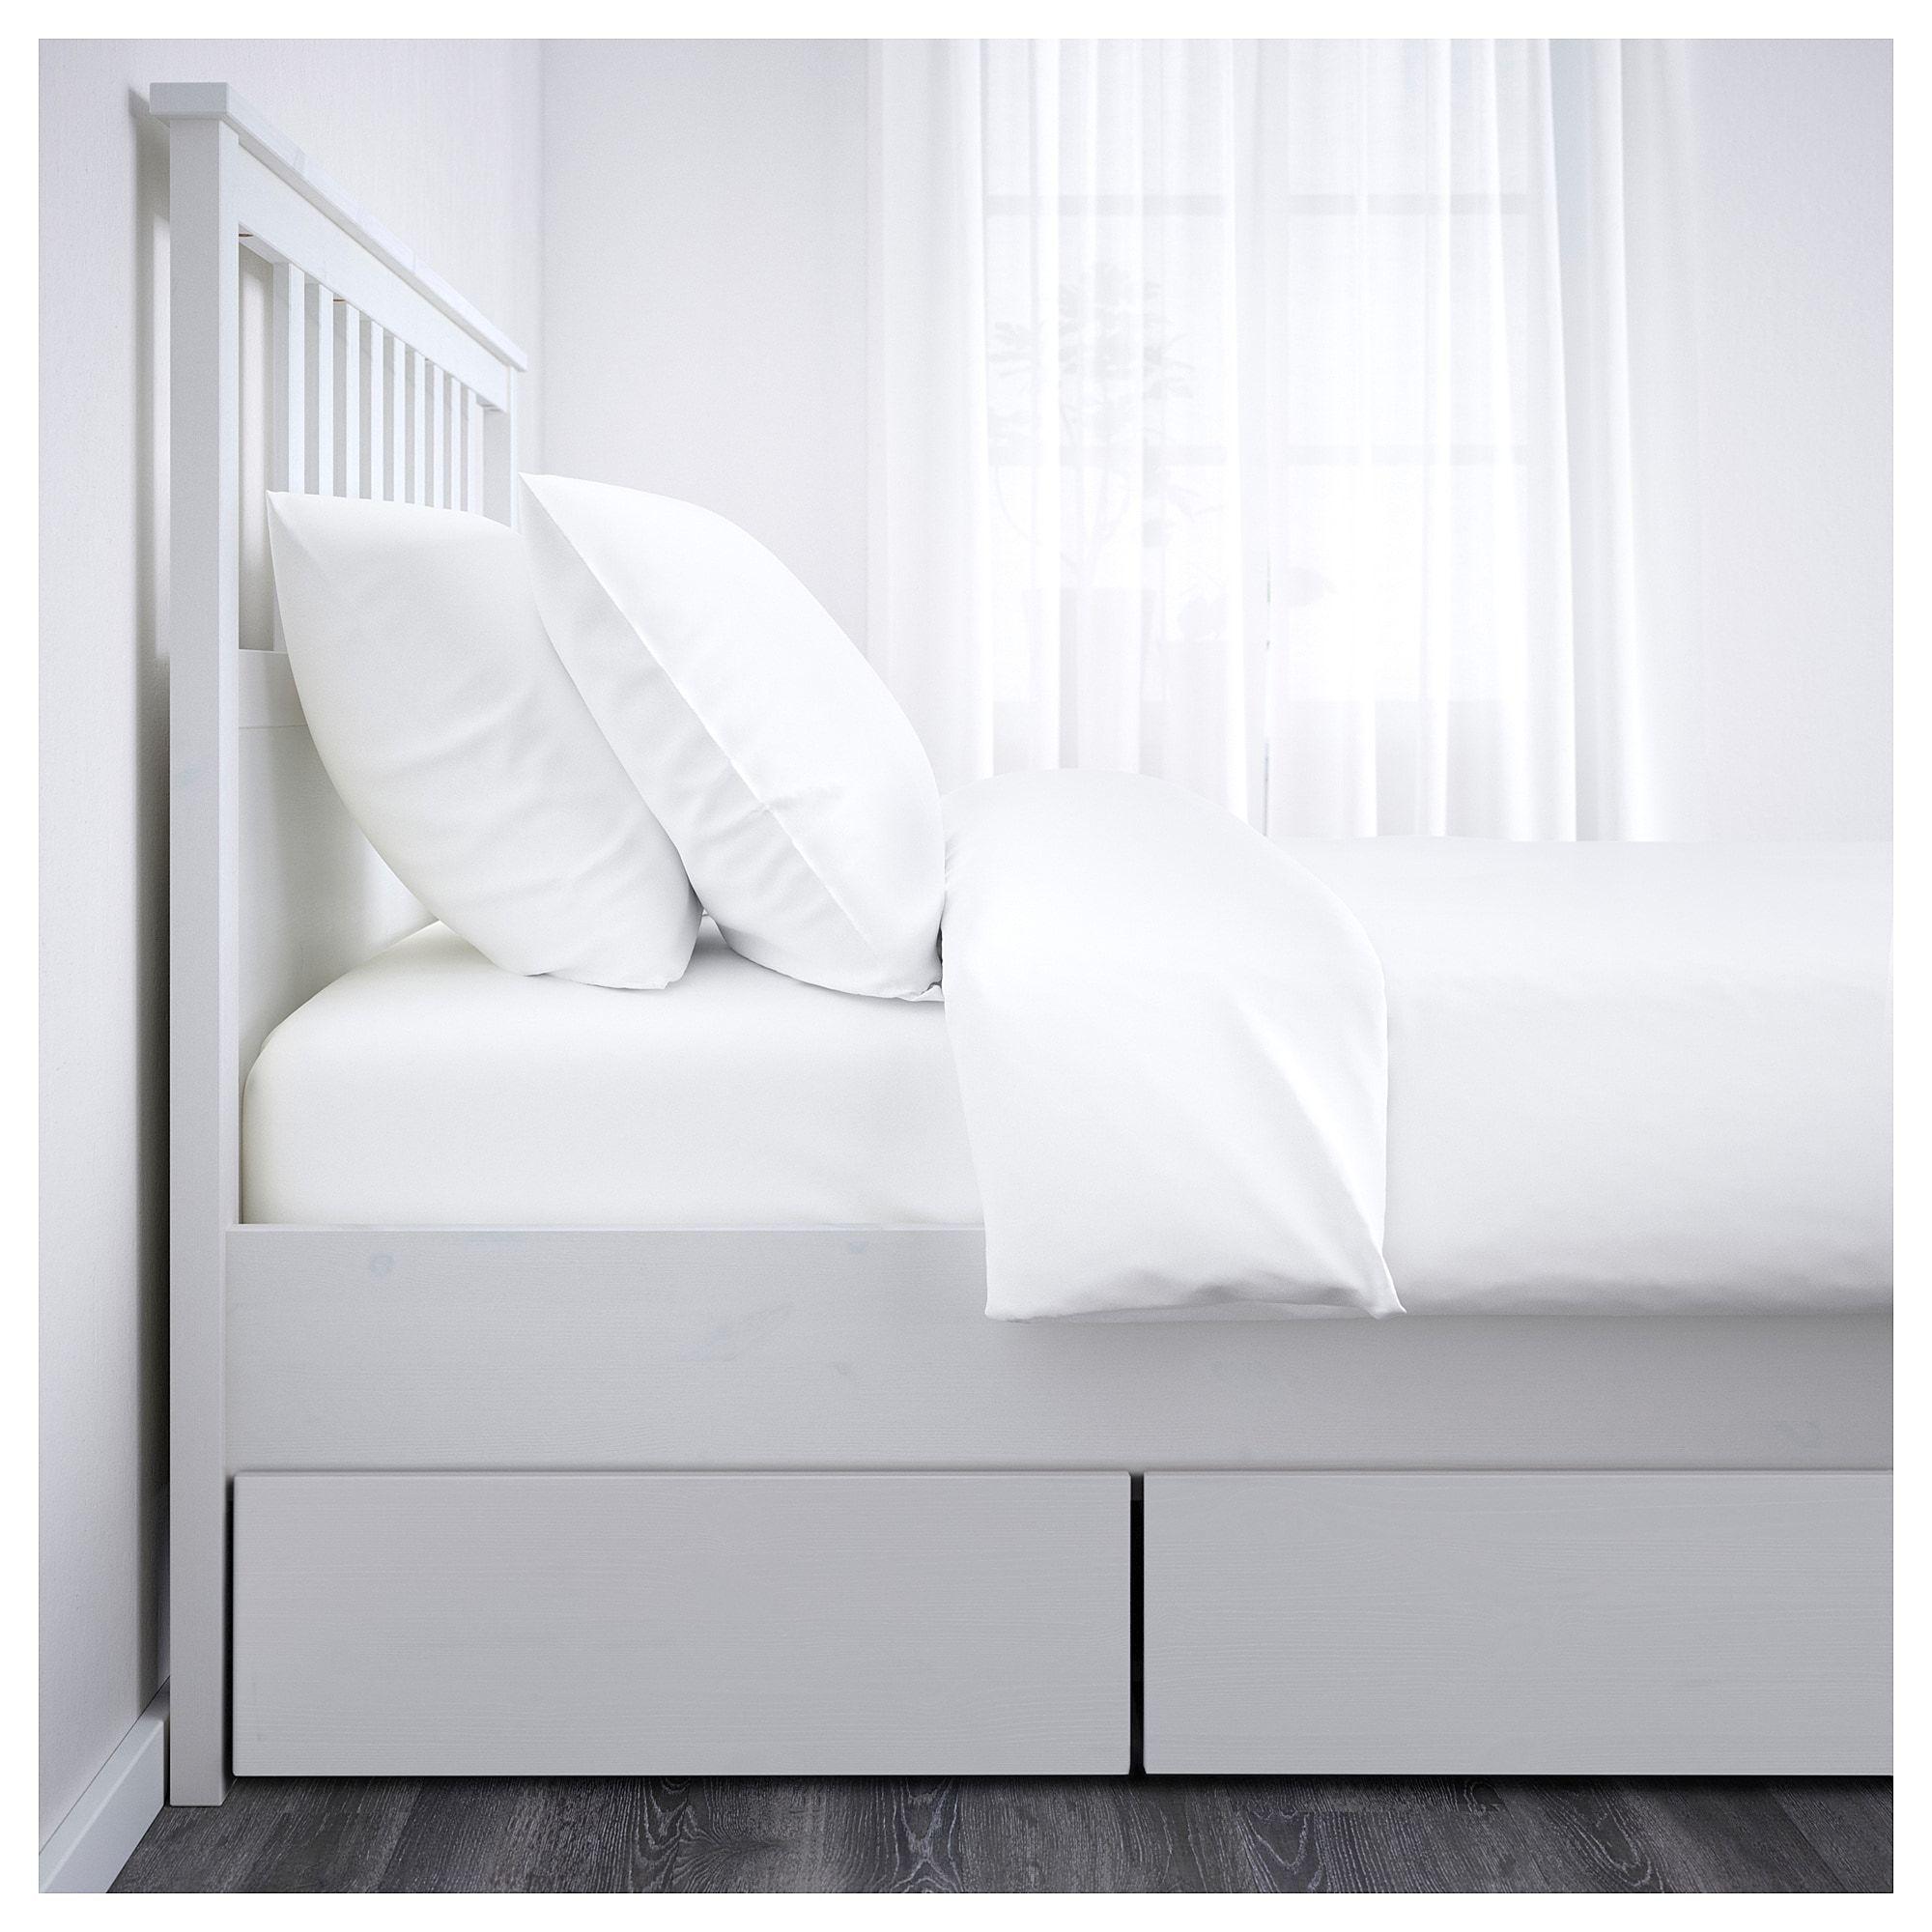 Hemnes Bettgestell Mit 4 Schubladen Weiss Gebeizt Ikea Deutschland Ikea Hemnes Bett Verstellbare Betten Bettgestell